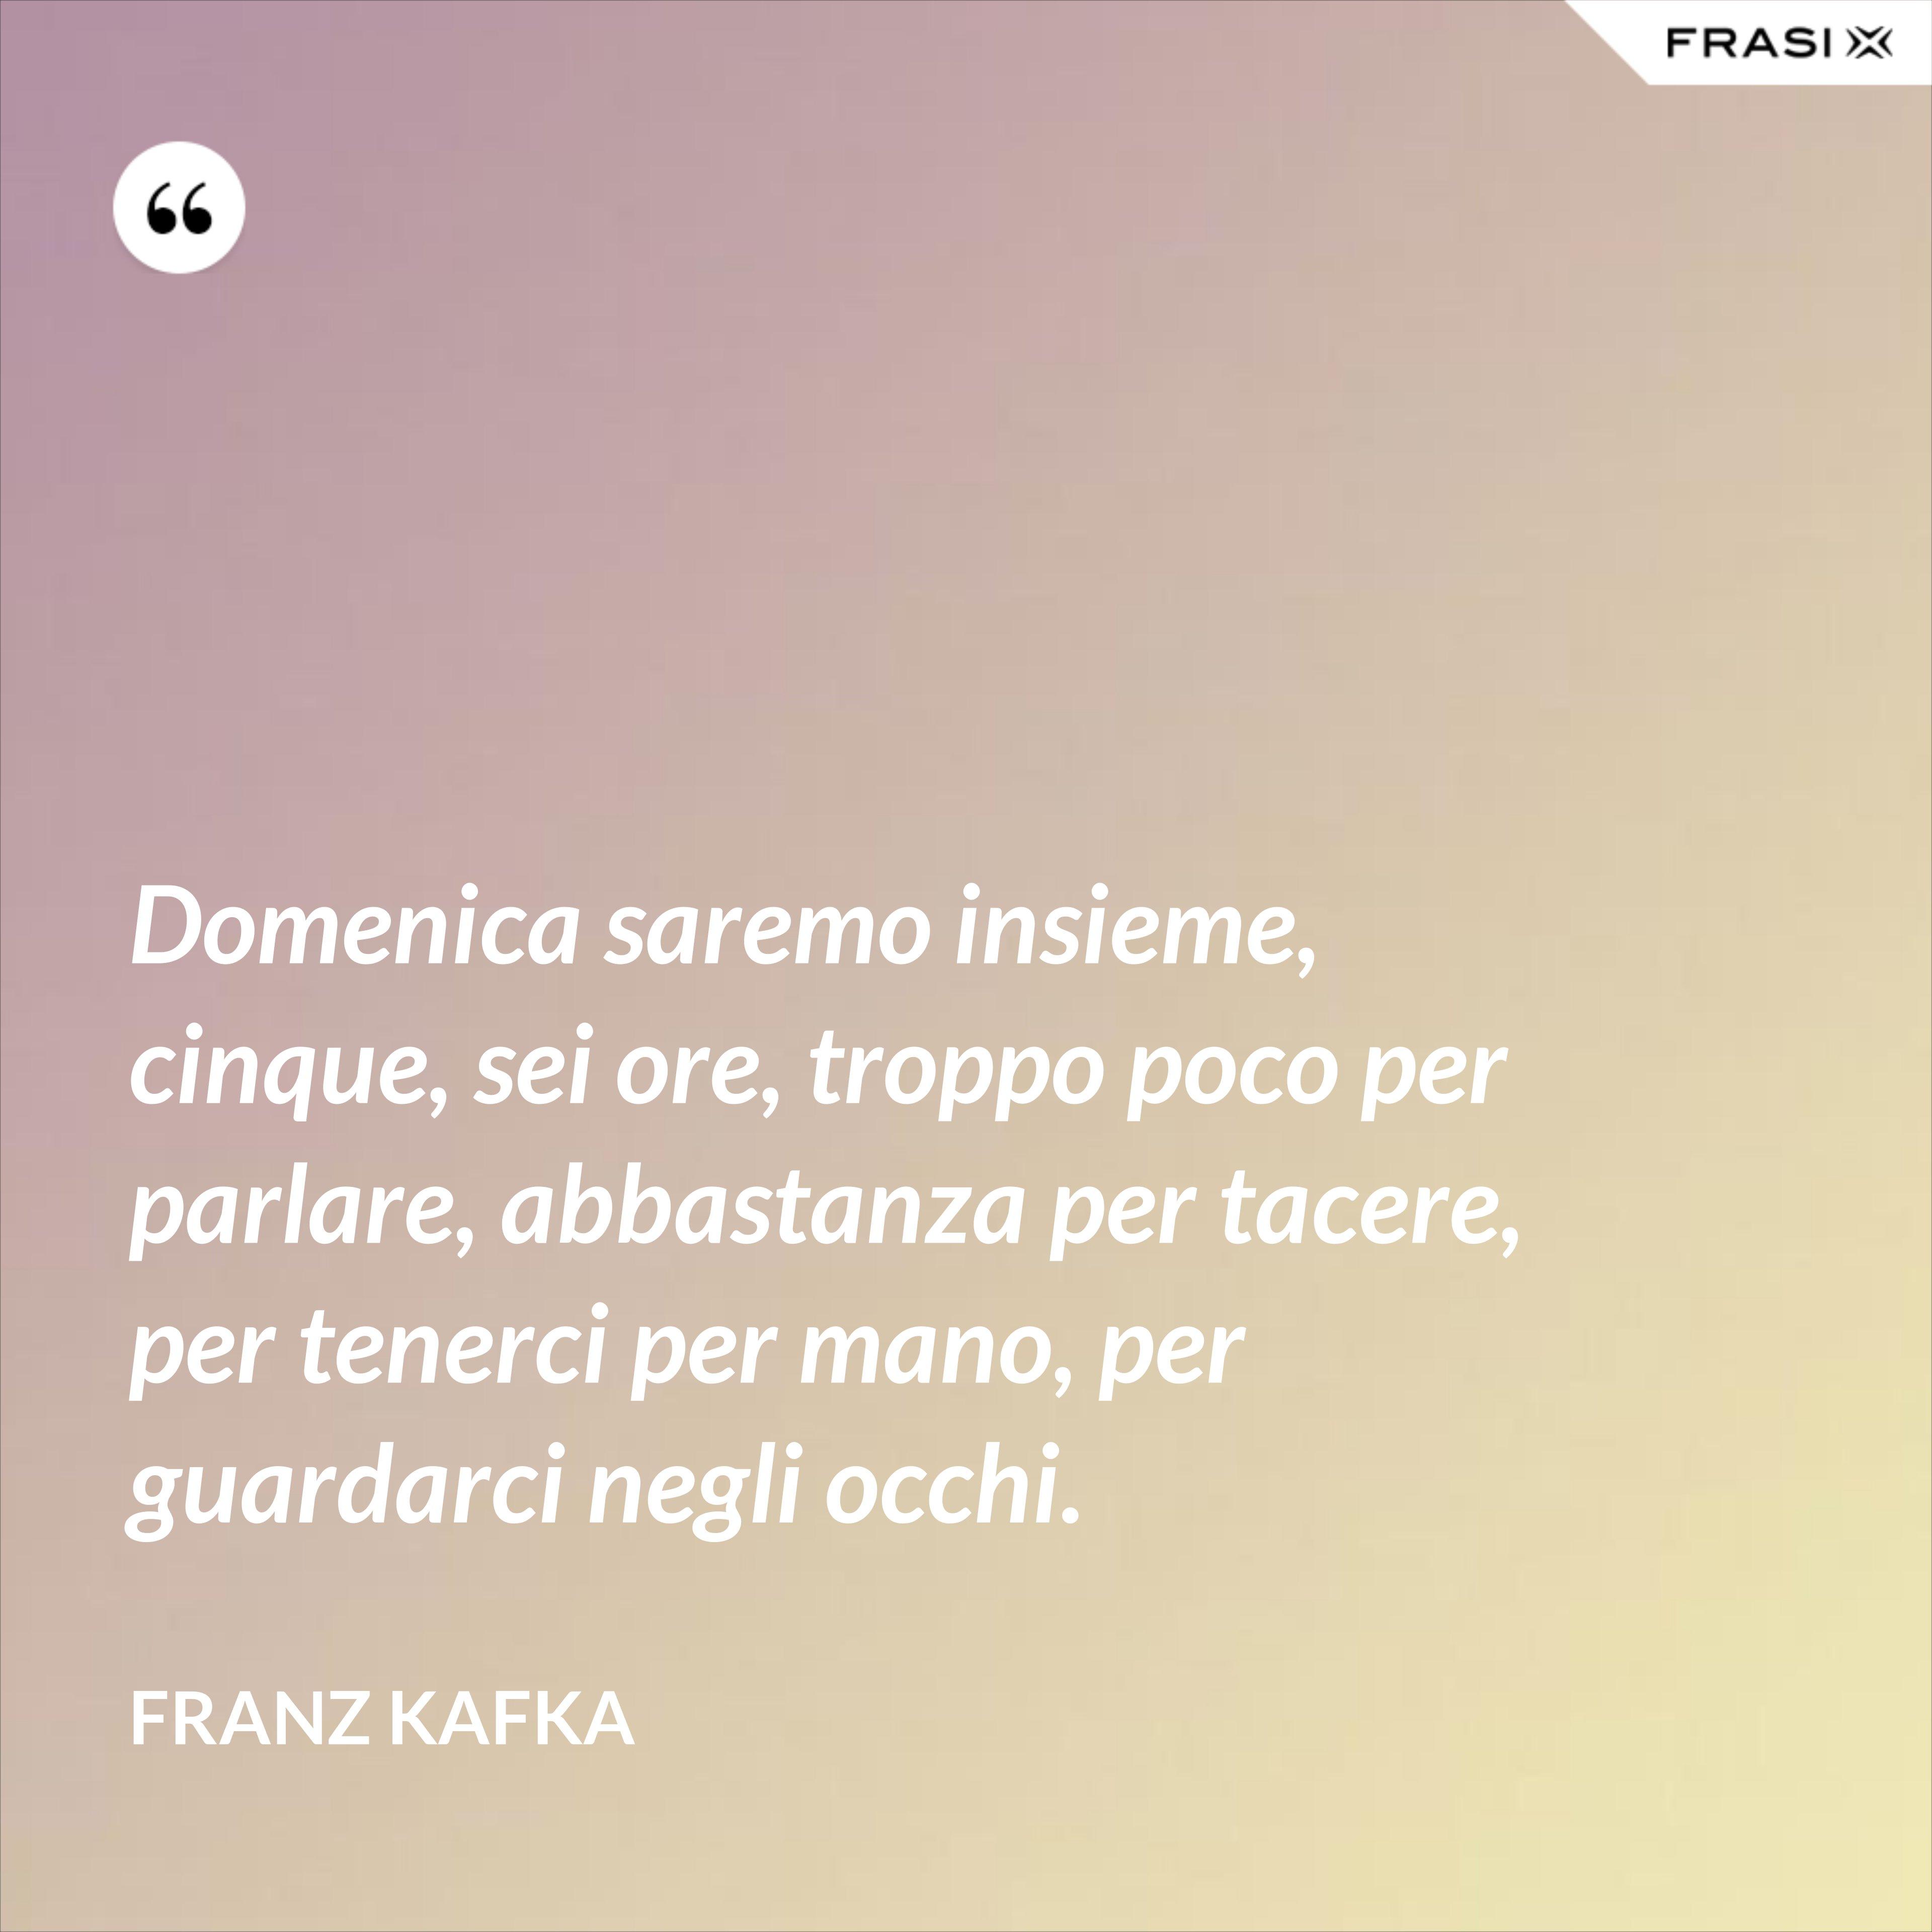 Domenica saremo insieme, cinque, sei ore, troppo poco per parlare, abbastanza per tacere, per tenerci per mano, per guardarci negli occhi. - Franz Kafka